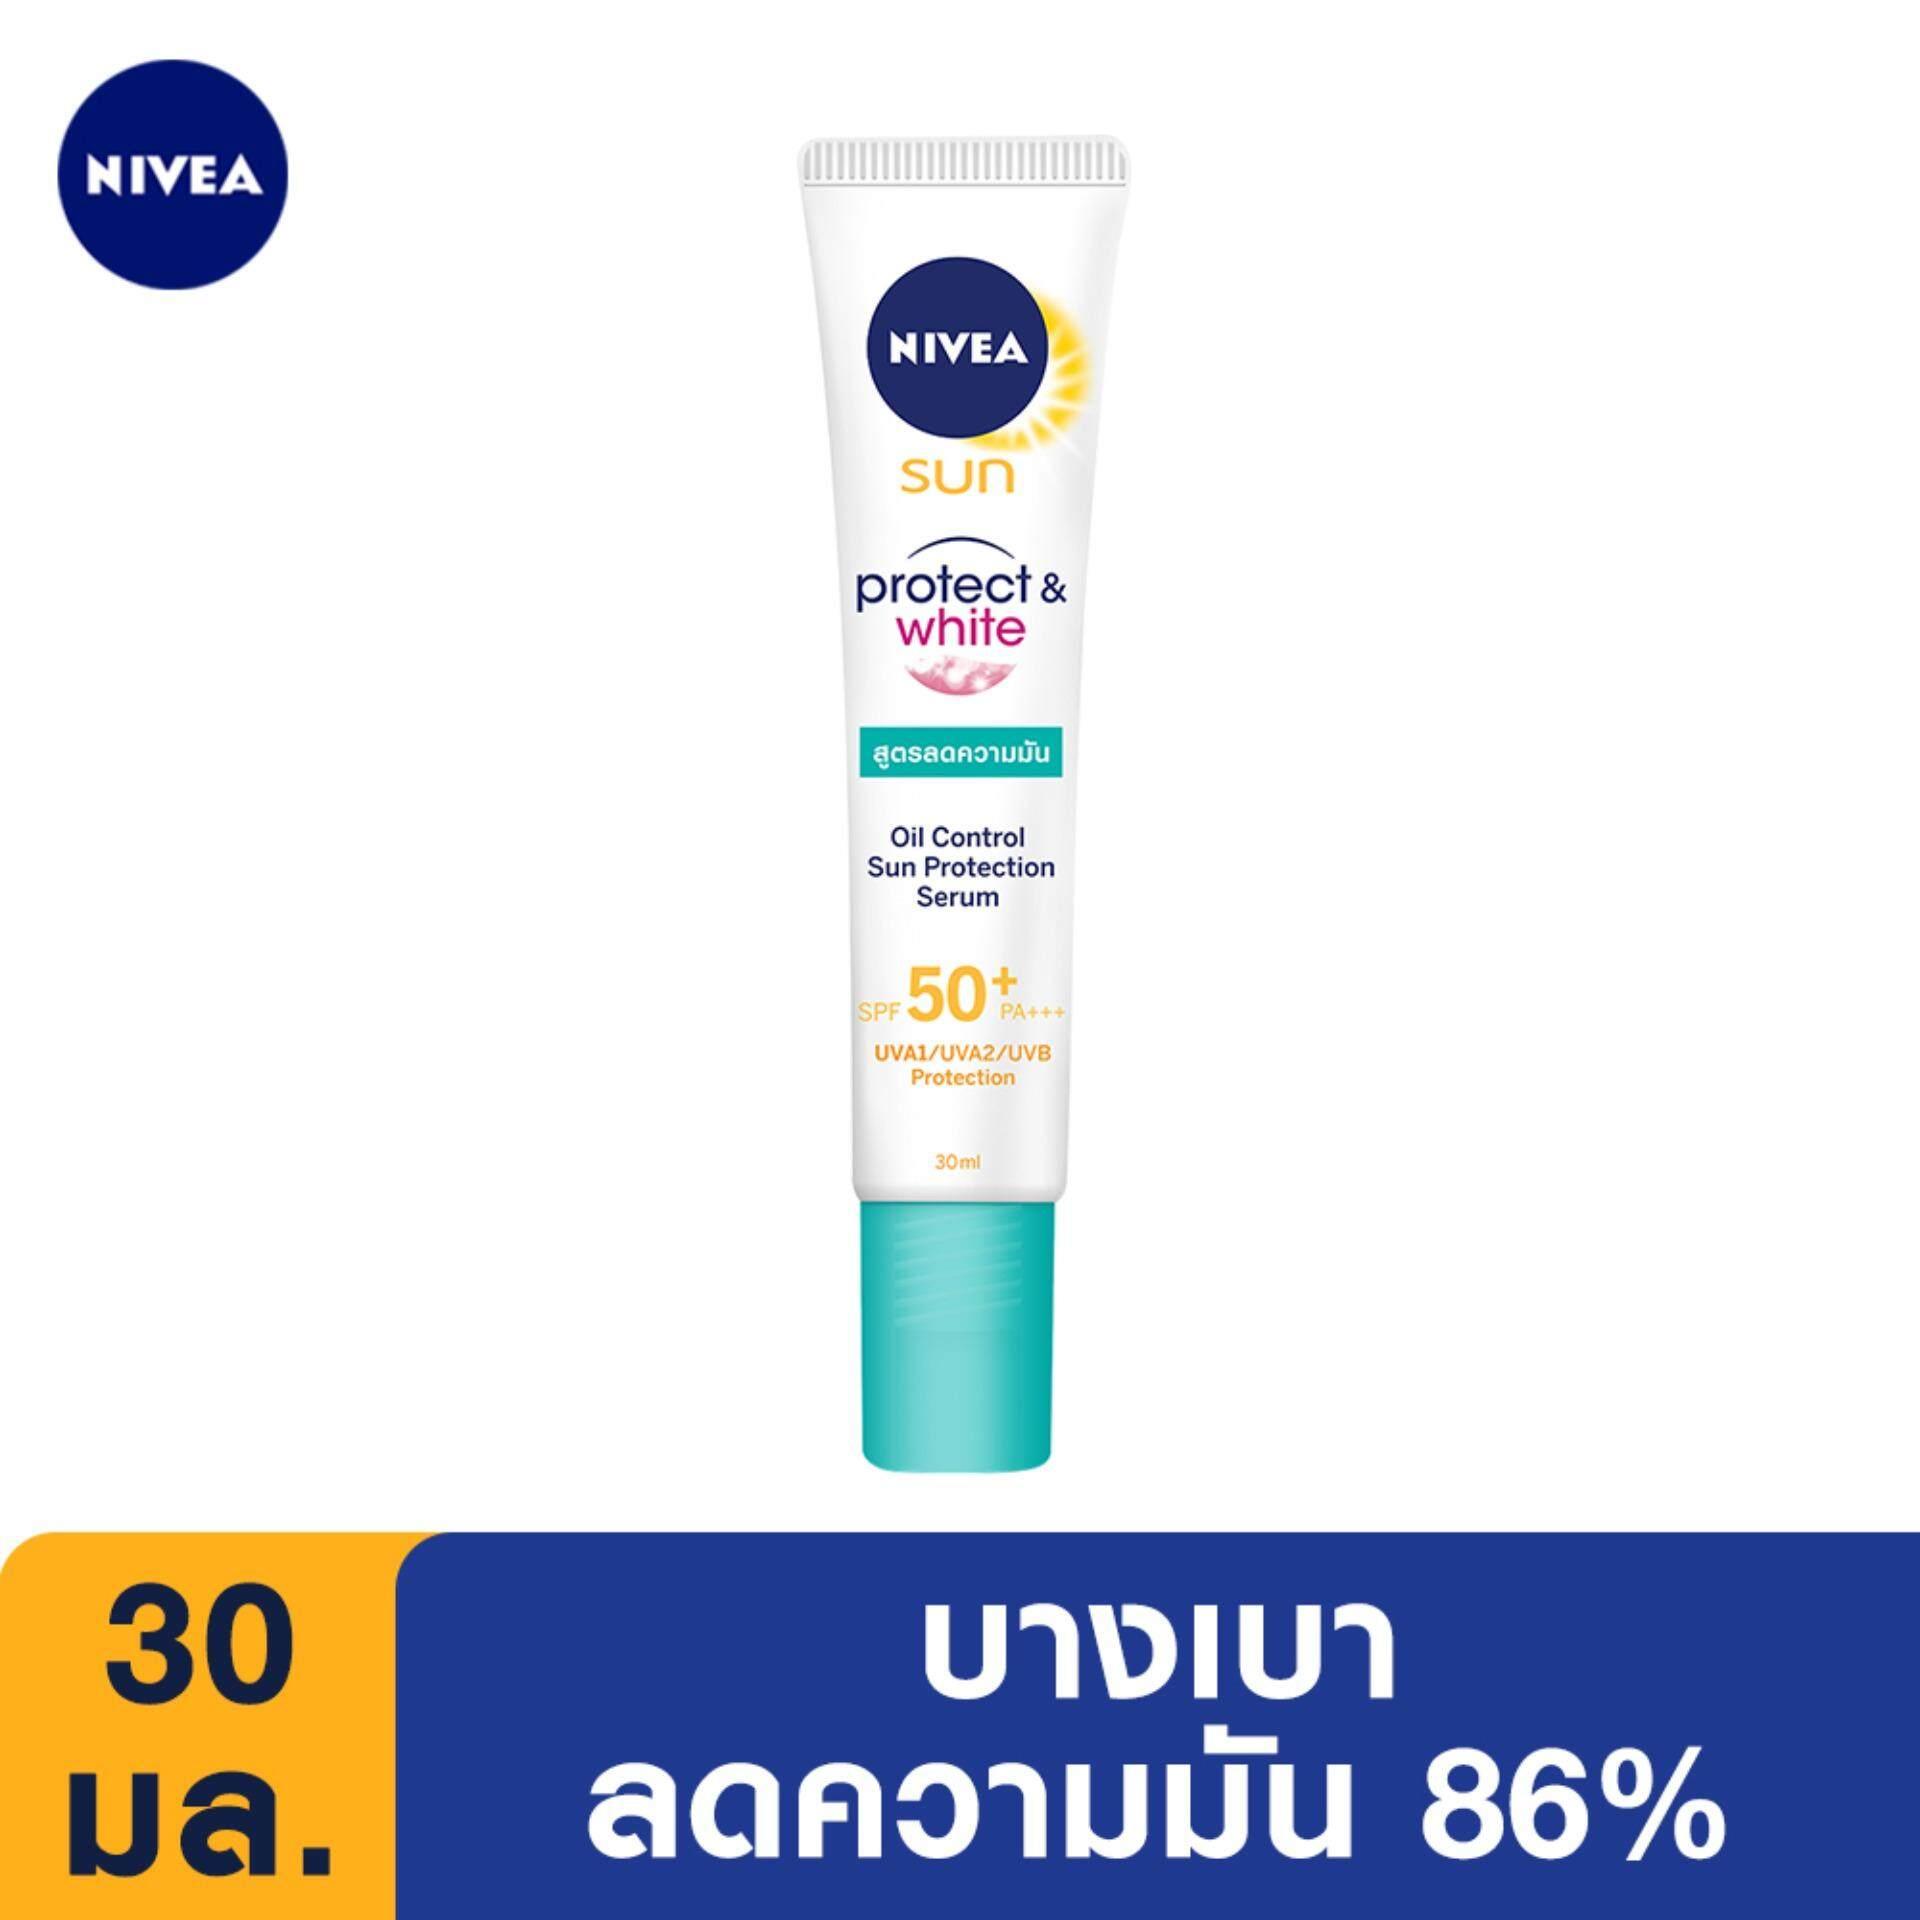 ขาย ซื้อ นีเวีย ซัน โพรเท็ค แอนด์ ไวท์ ออยล์ คอนโทรล เซรั่ม เอสพีเอฟ 50 พีเอ 30 มล Nivea Sun Protect White Oil Control Serum Spf50 Pa 30 Ml